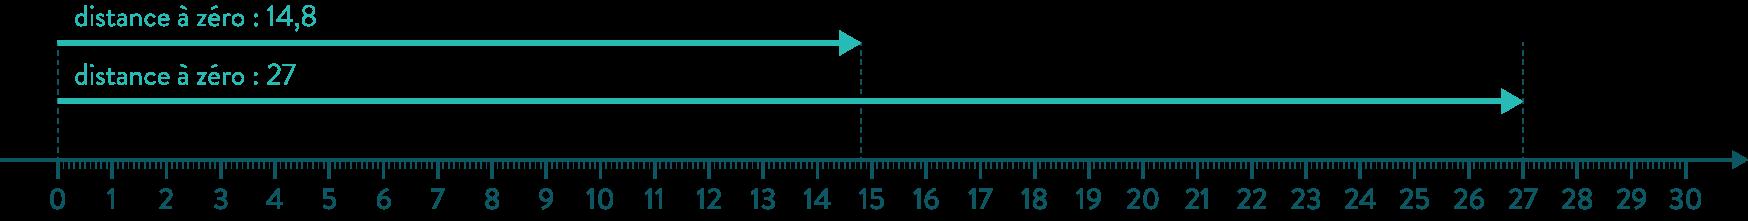 distance à zéro comparaison nombres positifs mathématiques quatrième